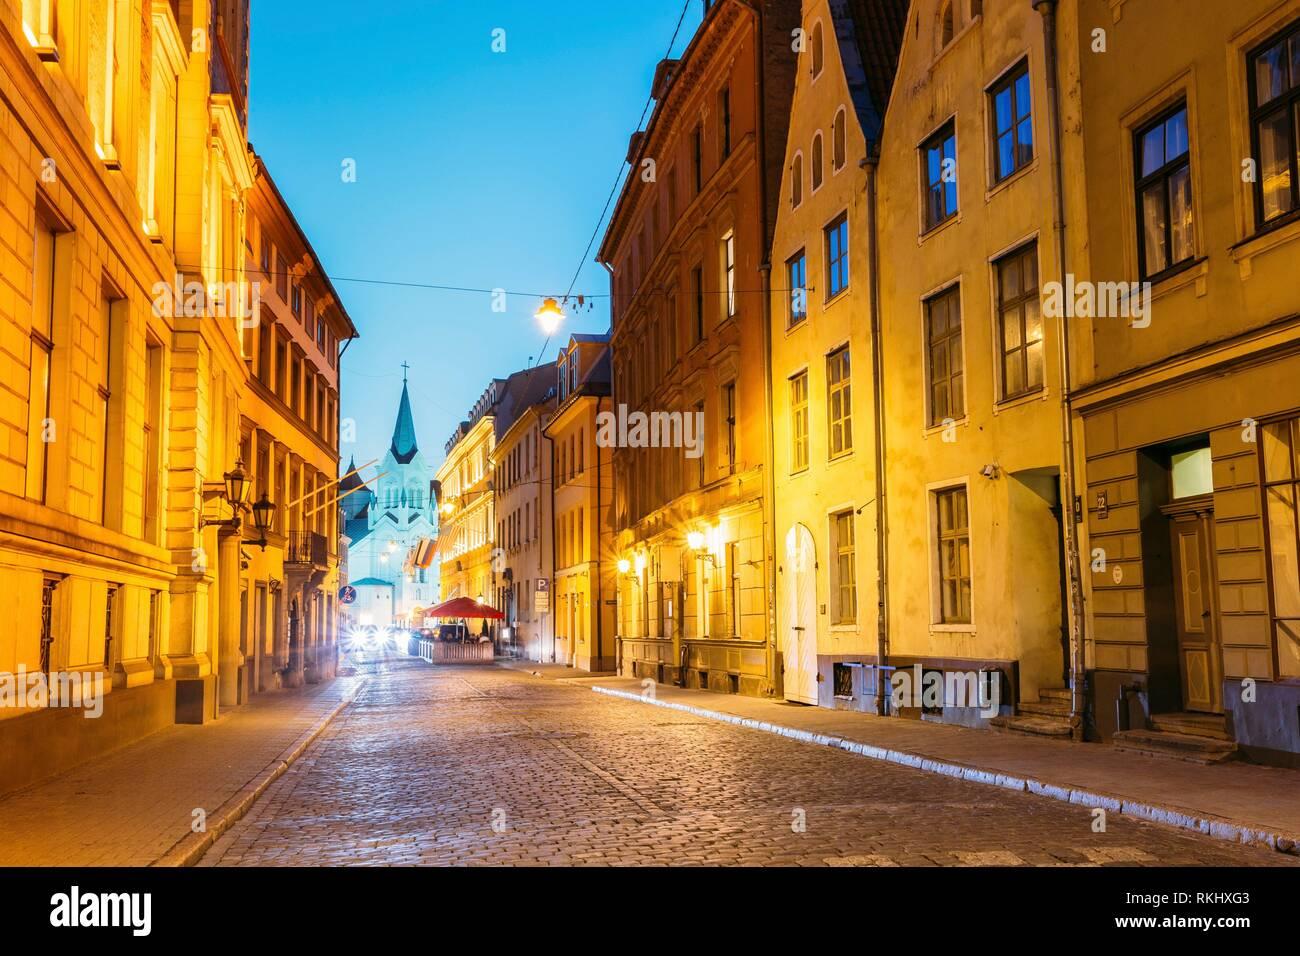 Riga, Letonia. La Torre Blanca con aguja piramidal de Nuestra Señora de los dolores o Virgen de la angustia, la antigua iglesia Iglesia Católica en Pilsen en la calle Imagen De Stock